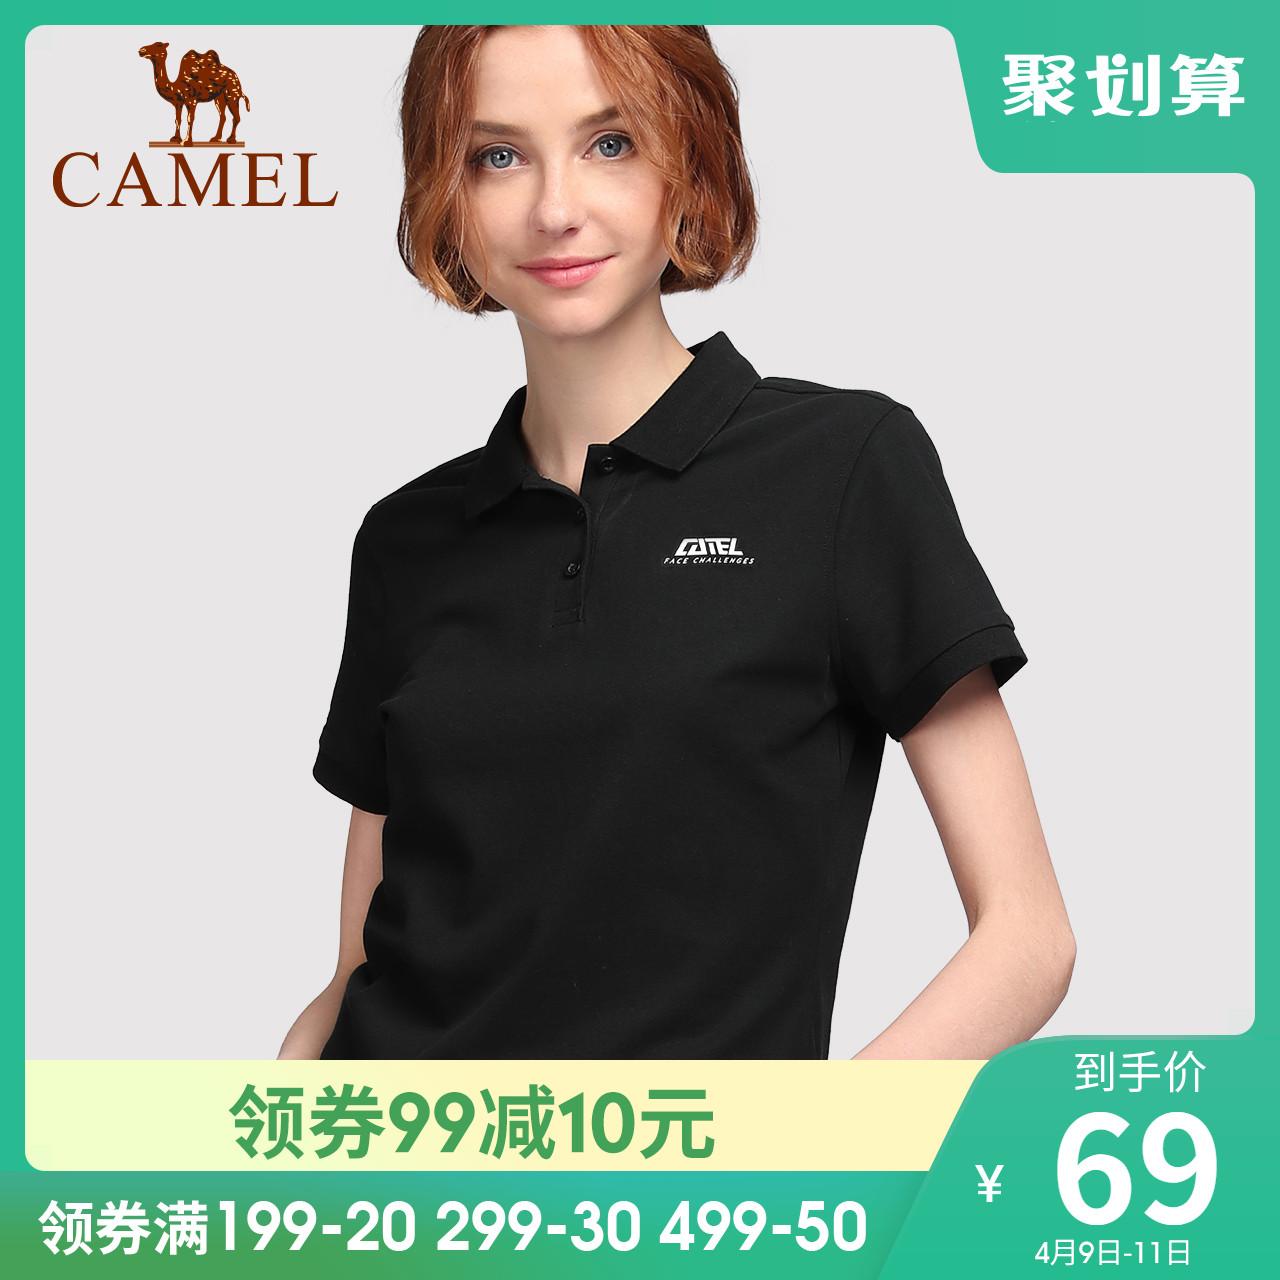 骆驼运动POLO衫短袖夏季新款男女运动T恤男士宽松透气体恤翻领女